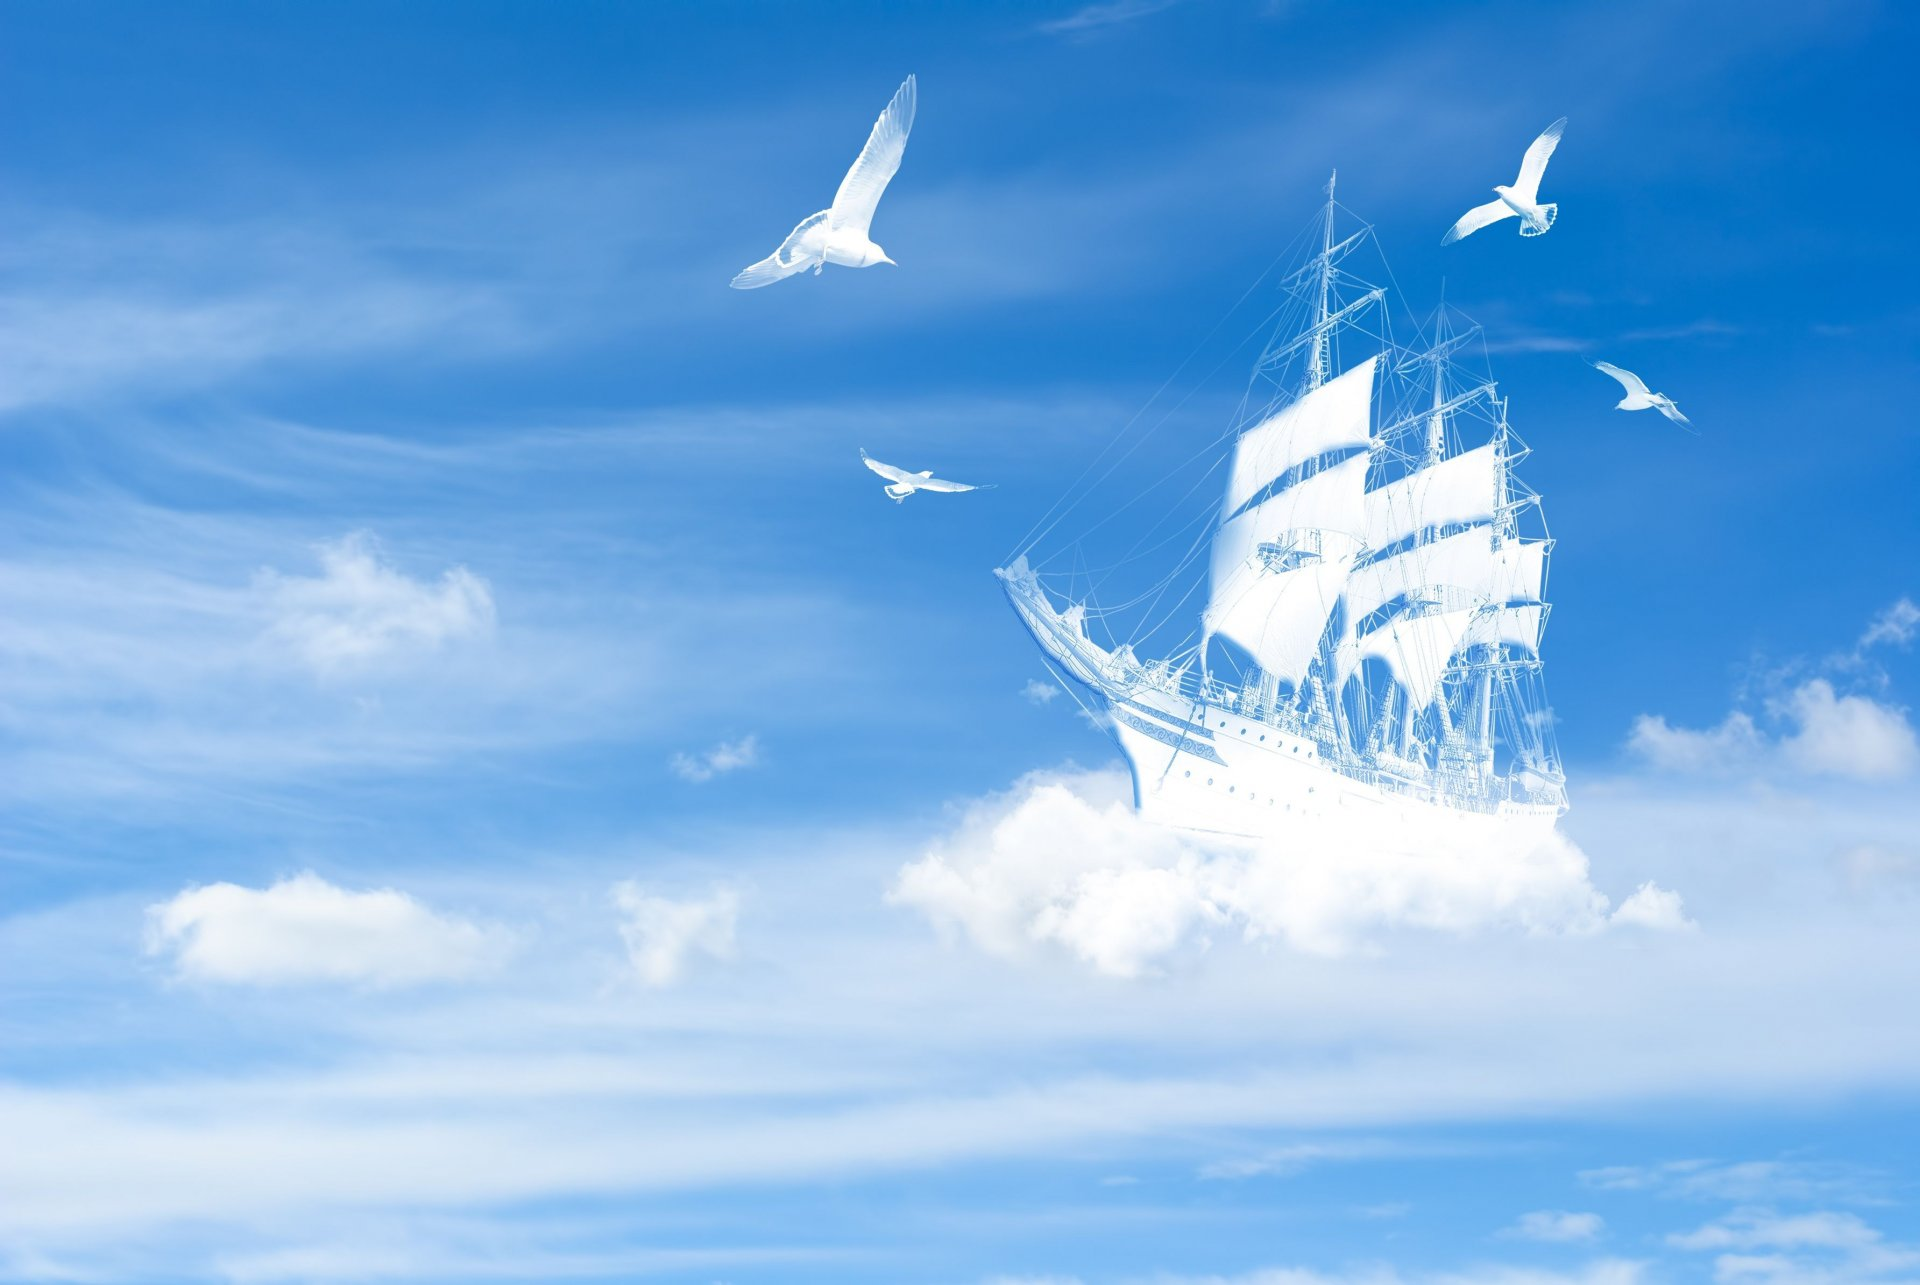 обои яхта в море